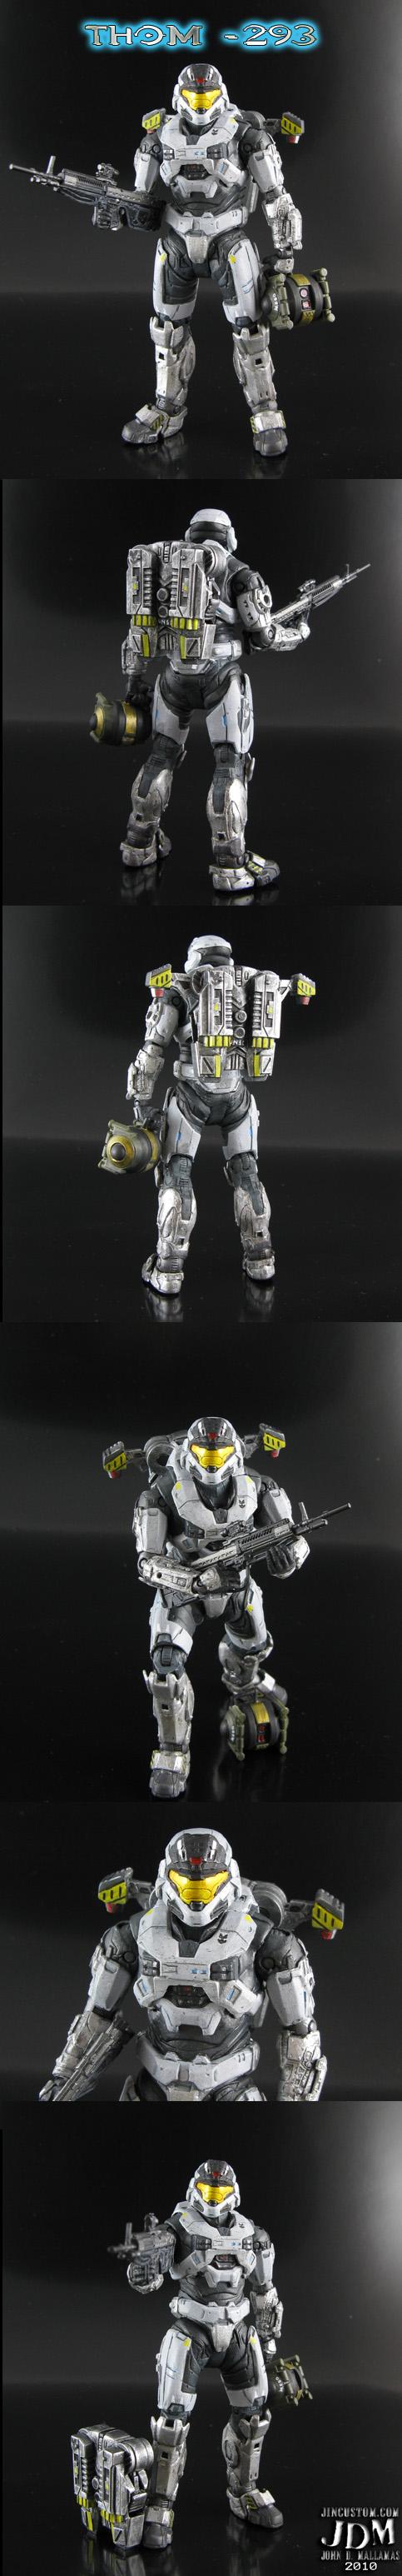 Thom 293 Halo Reach